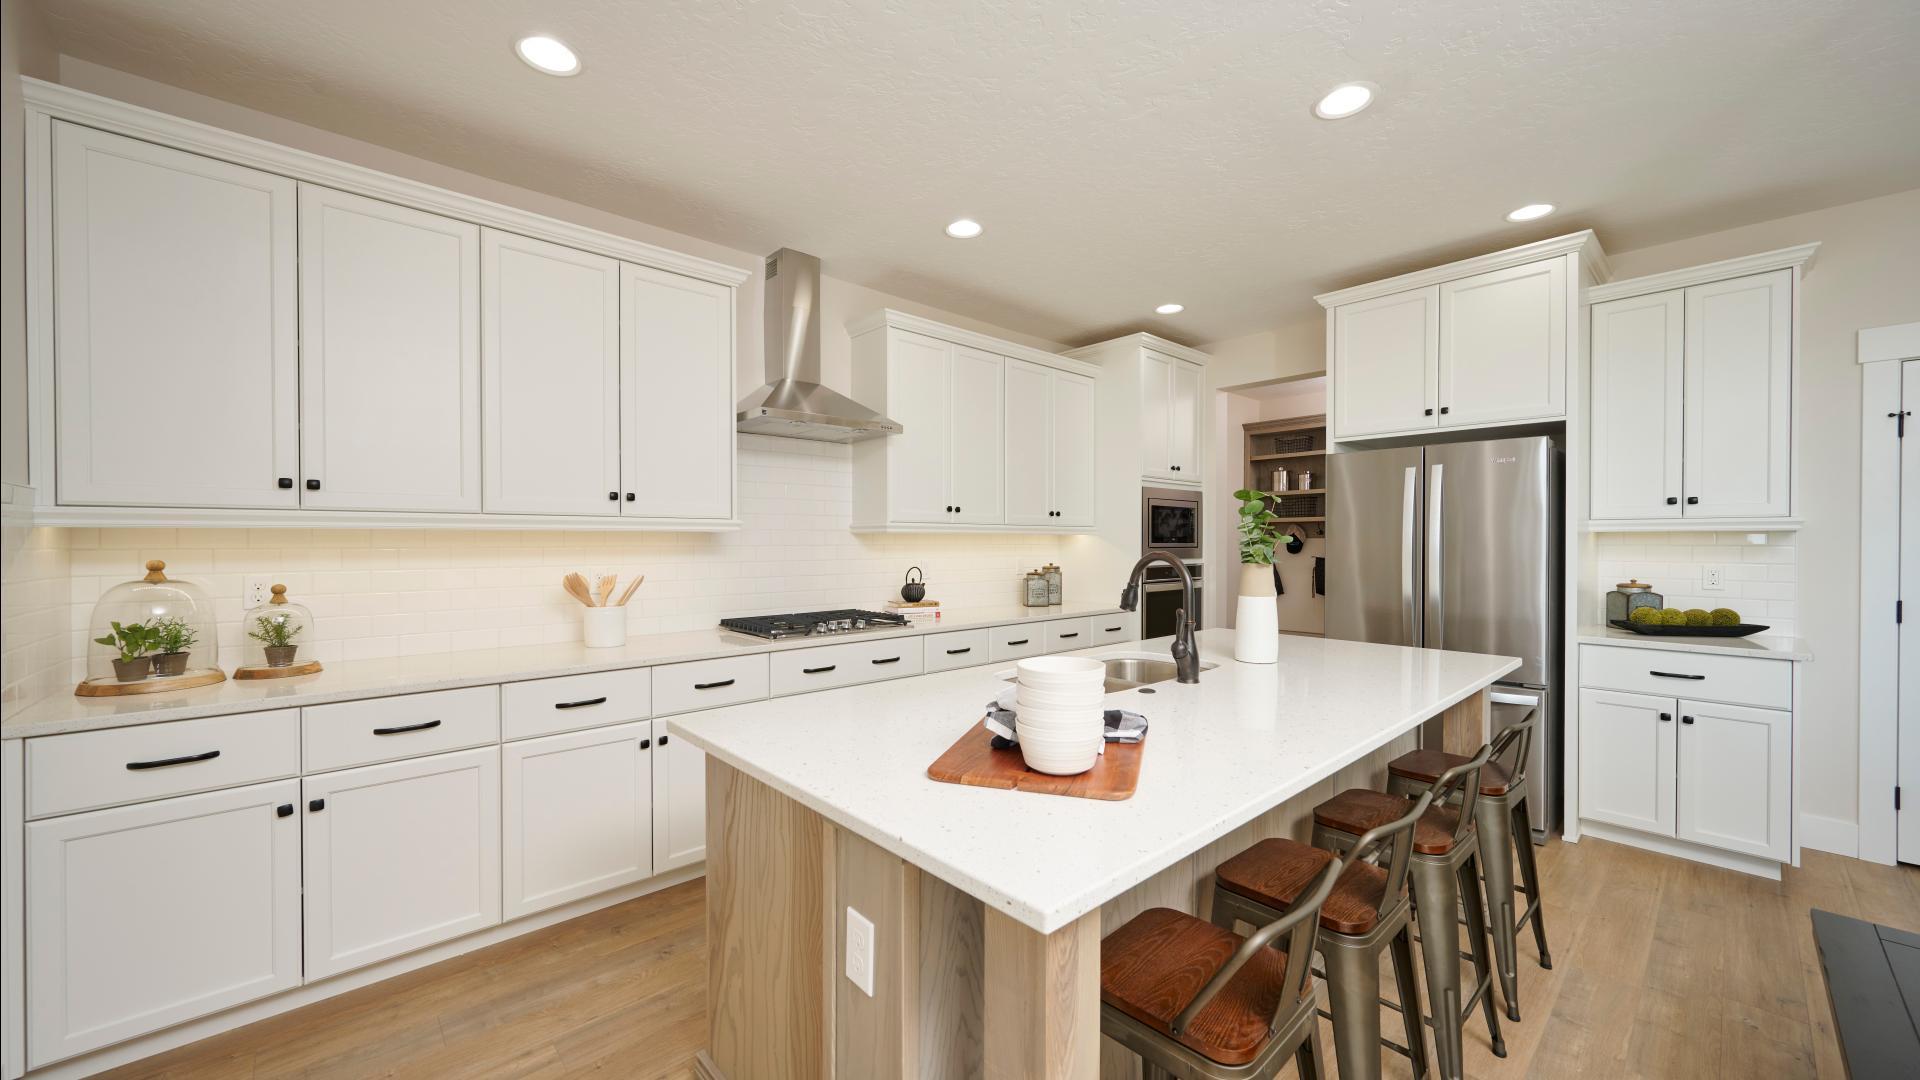 Large gourmet kitchens